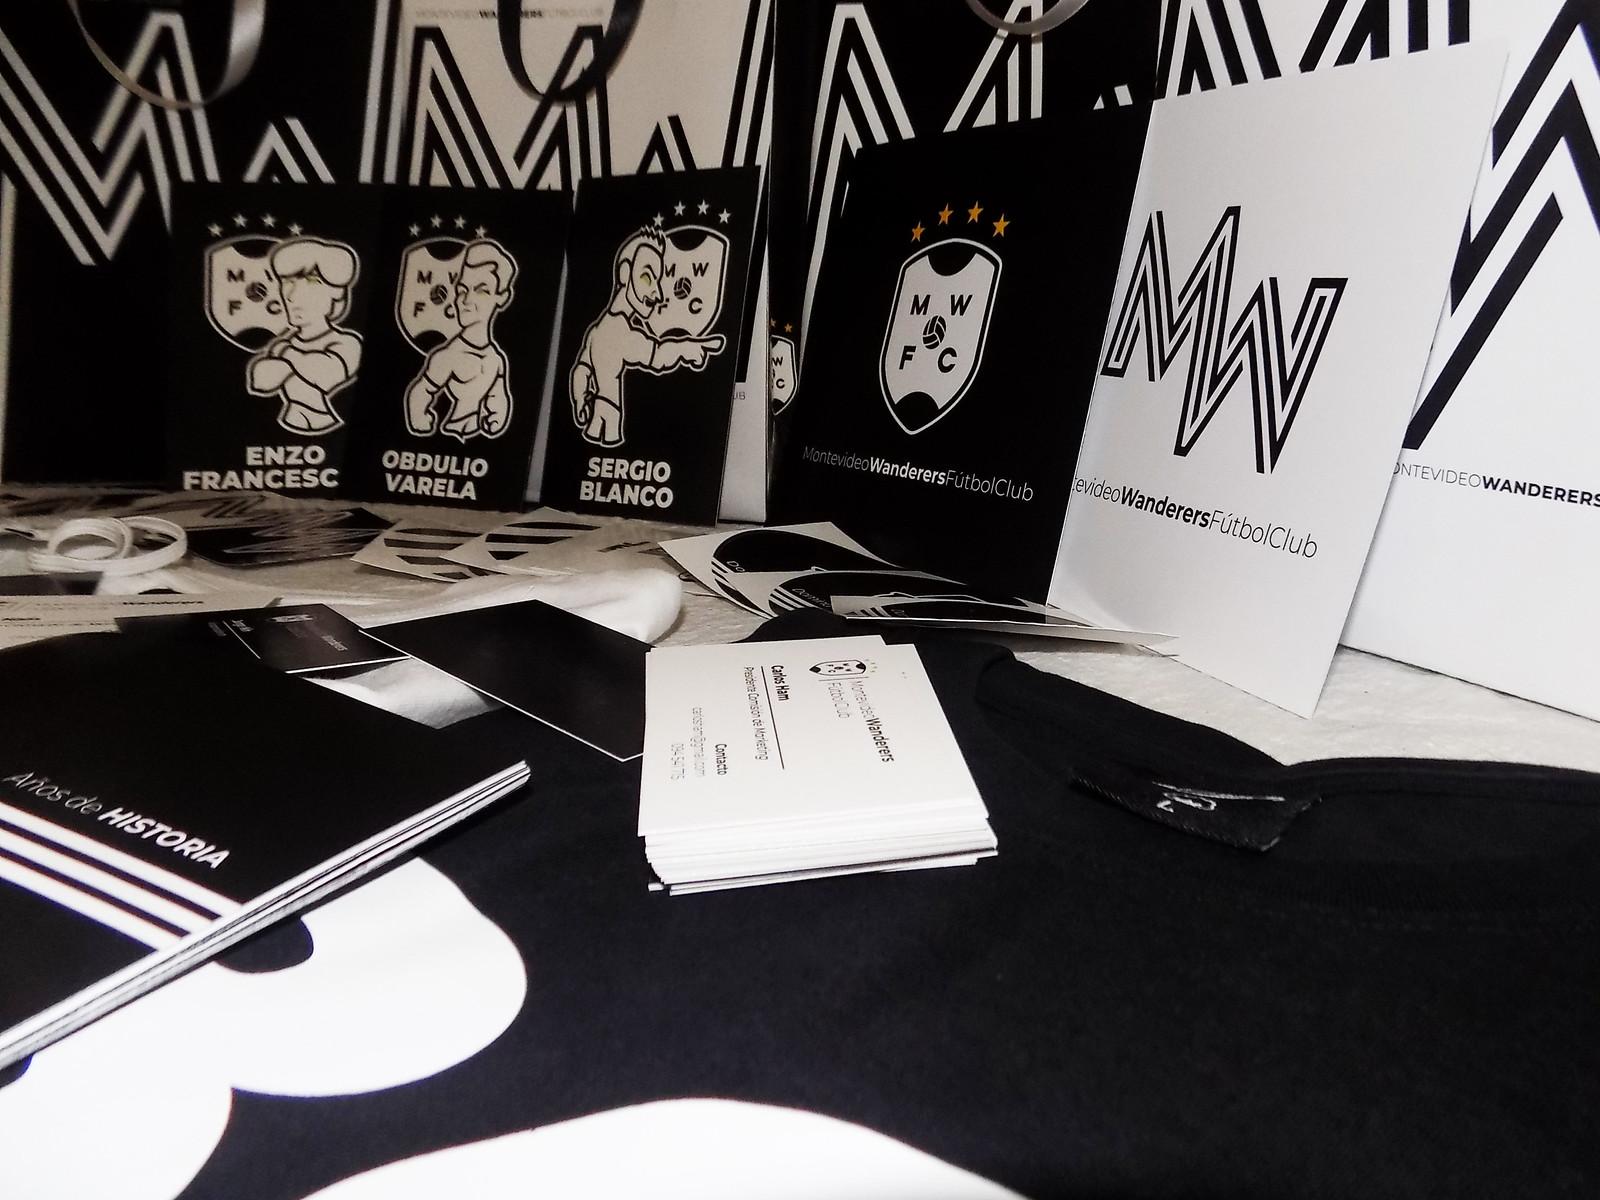 Recreación 19 - Montevideo Wanderers, proyecto de Mathías Canclini, de la Licenciatura en Diseño Gráfico